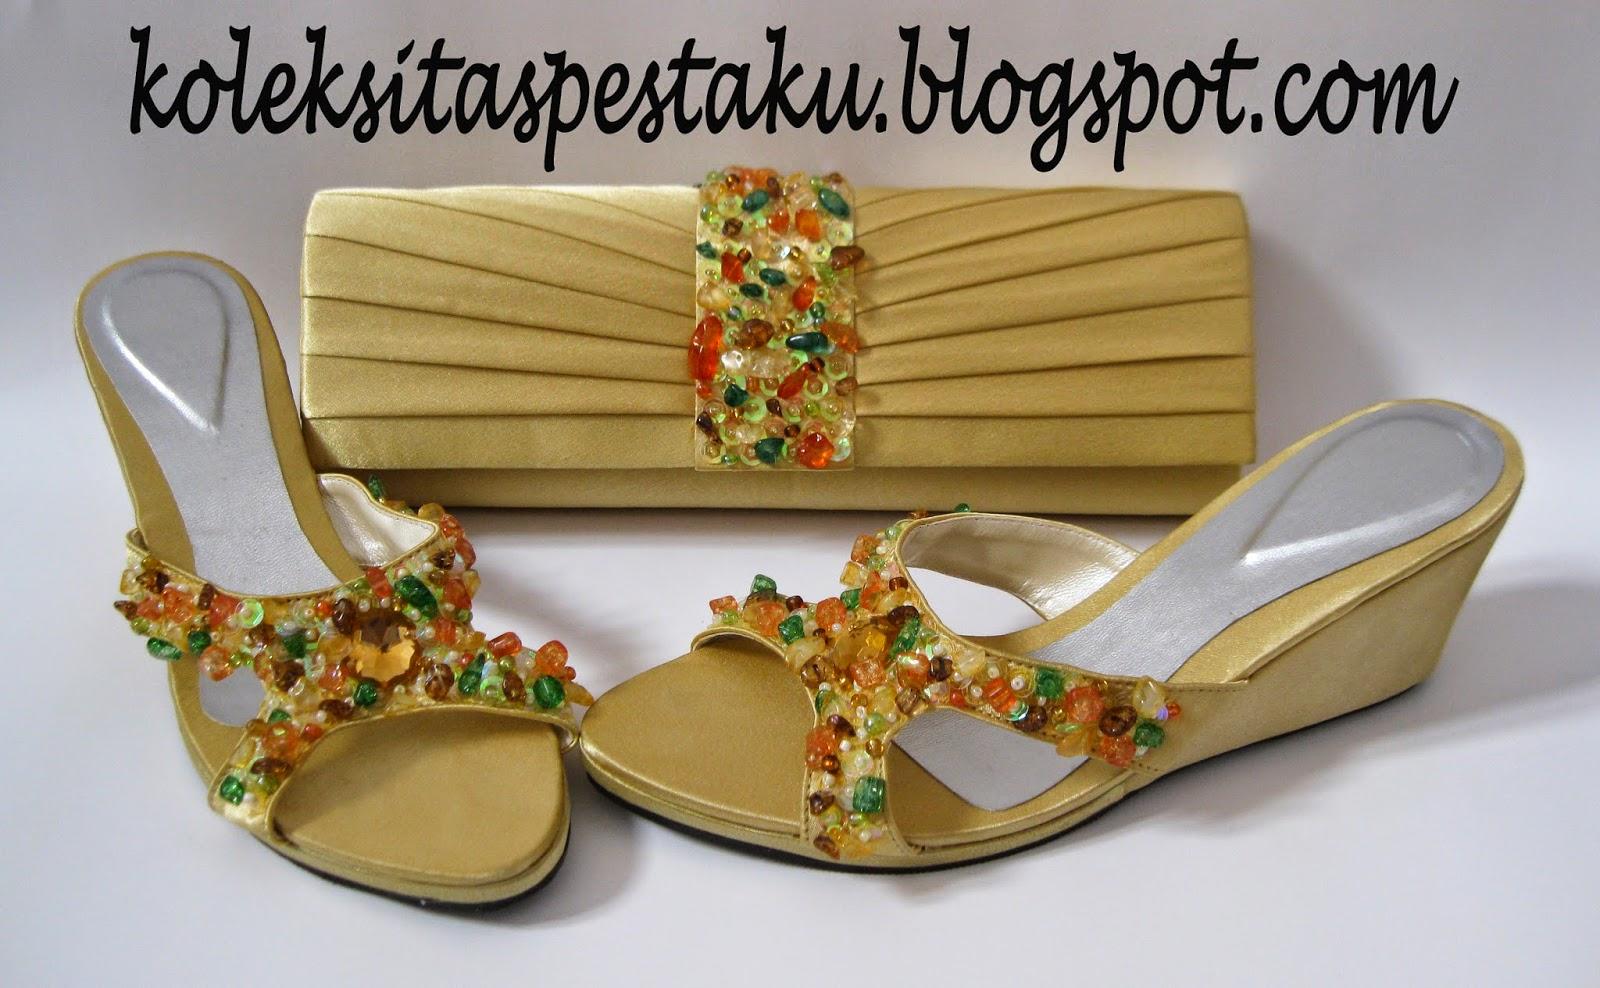 Wedges Sepatu dan Clutch Bag Tas Pesta Cantik Gold